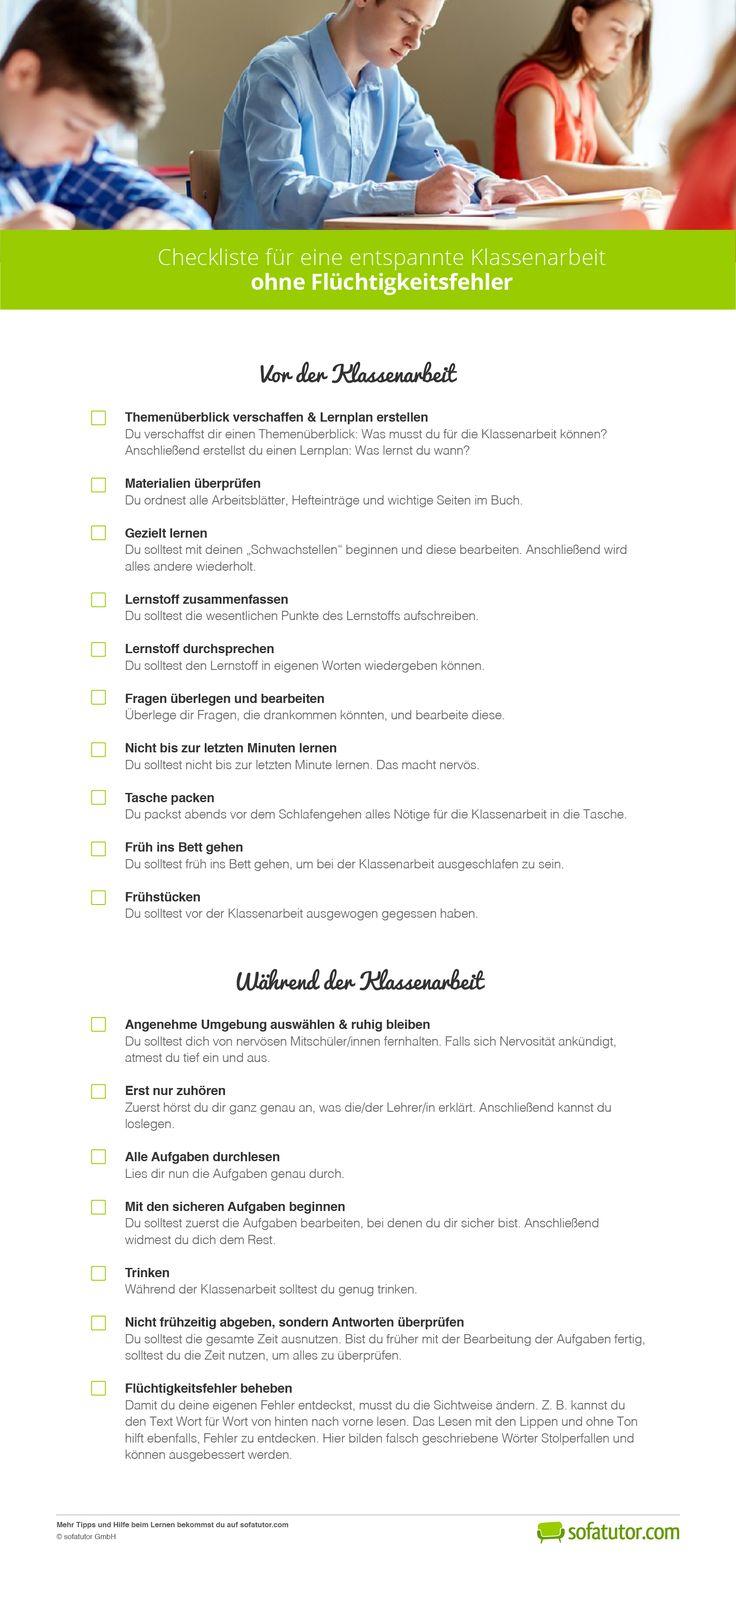 So gehst du ruhig in die nächste Klassenarbeit. Das passende PDF kannst du hier herunterladen: http://magazin.sofatutor.com/schueler/2017/04/10/keine-angst-vor-klassenarbeiten-so-bist-du-entspannt-und-erfolgreich/